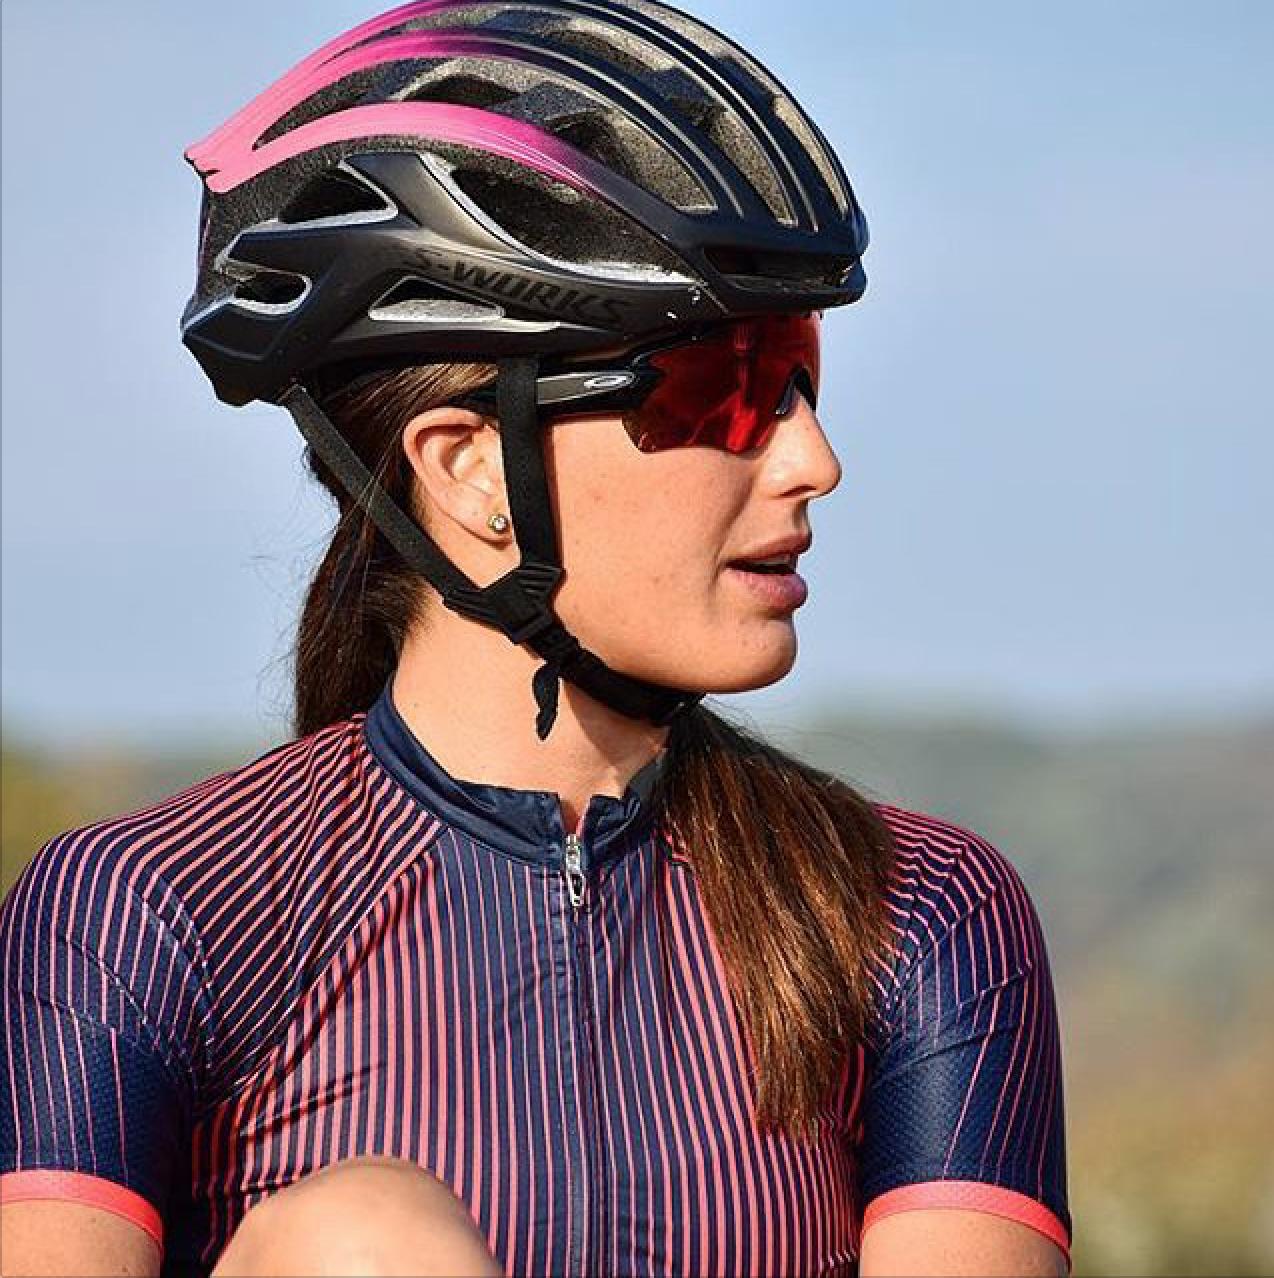 Larissa Rábago, Kona 2018,